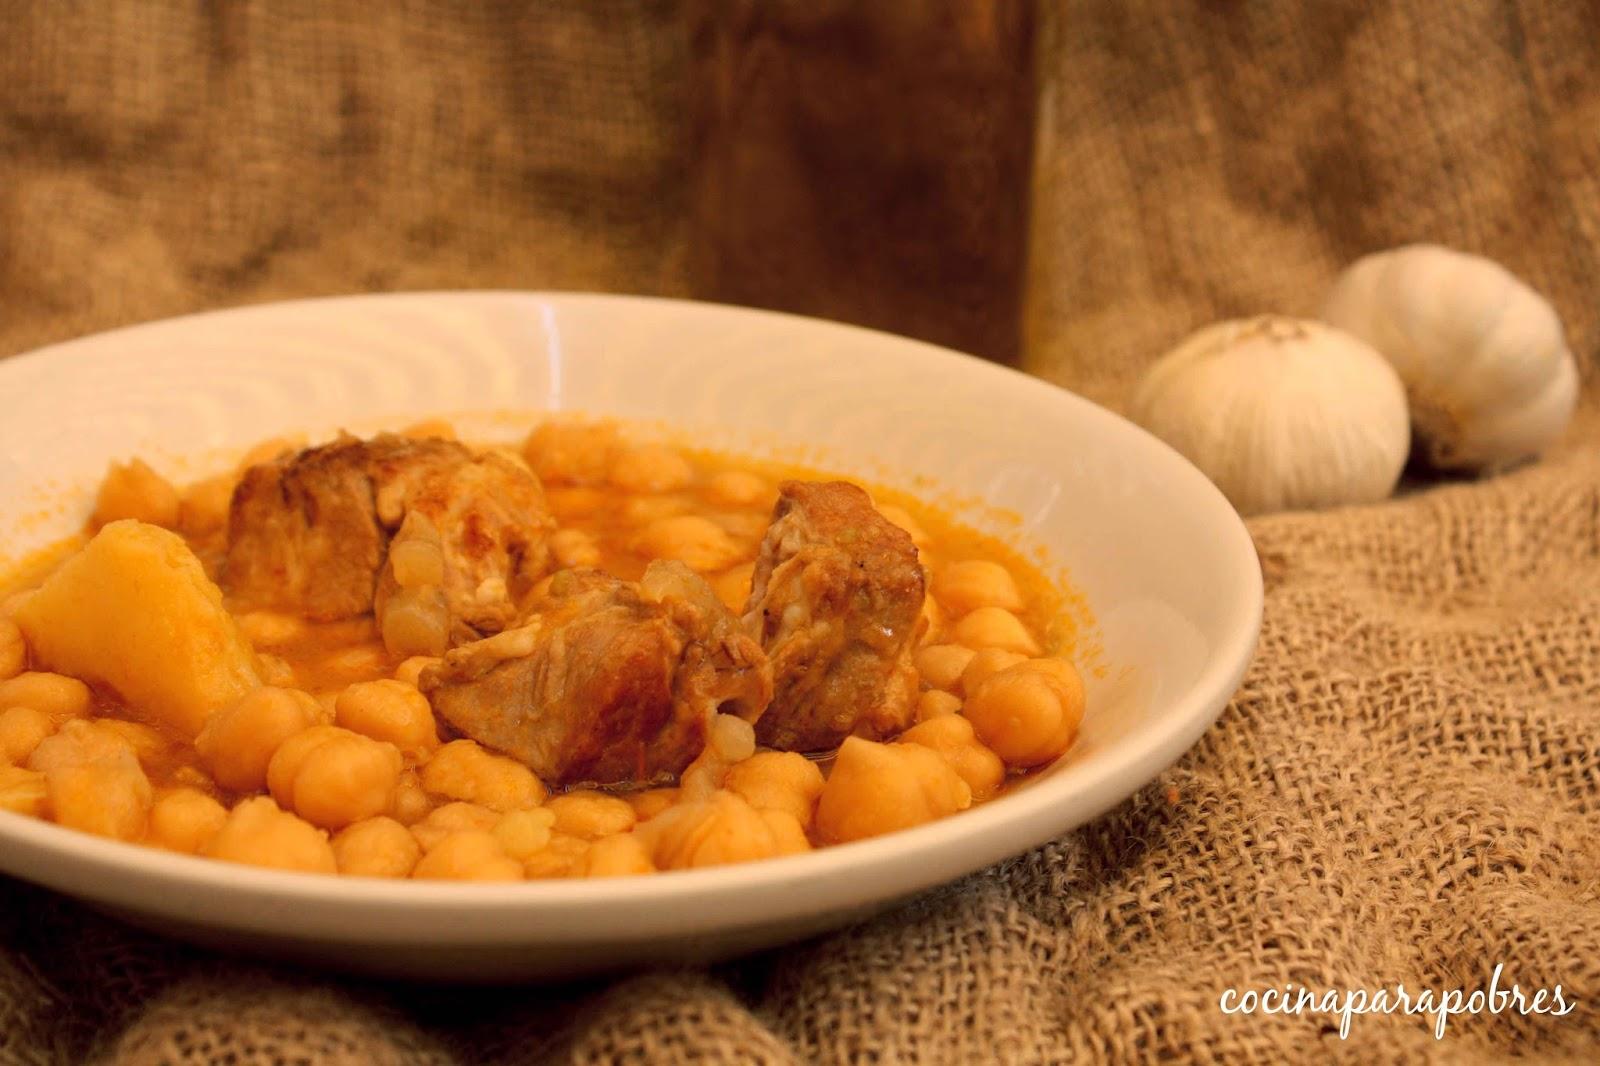 Cocina para pobres garbanzos con costillas de cerdo olla - Garbanzos con costillas ...